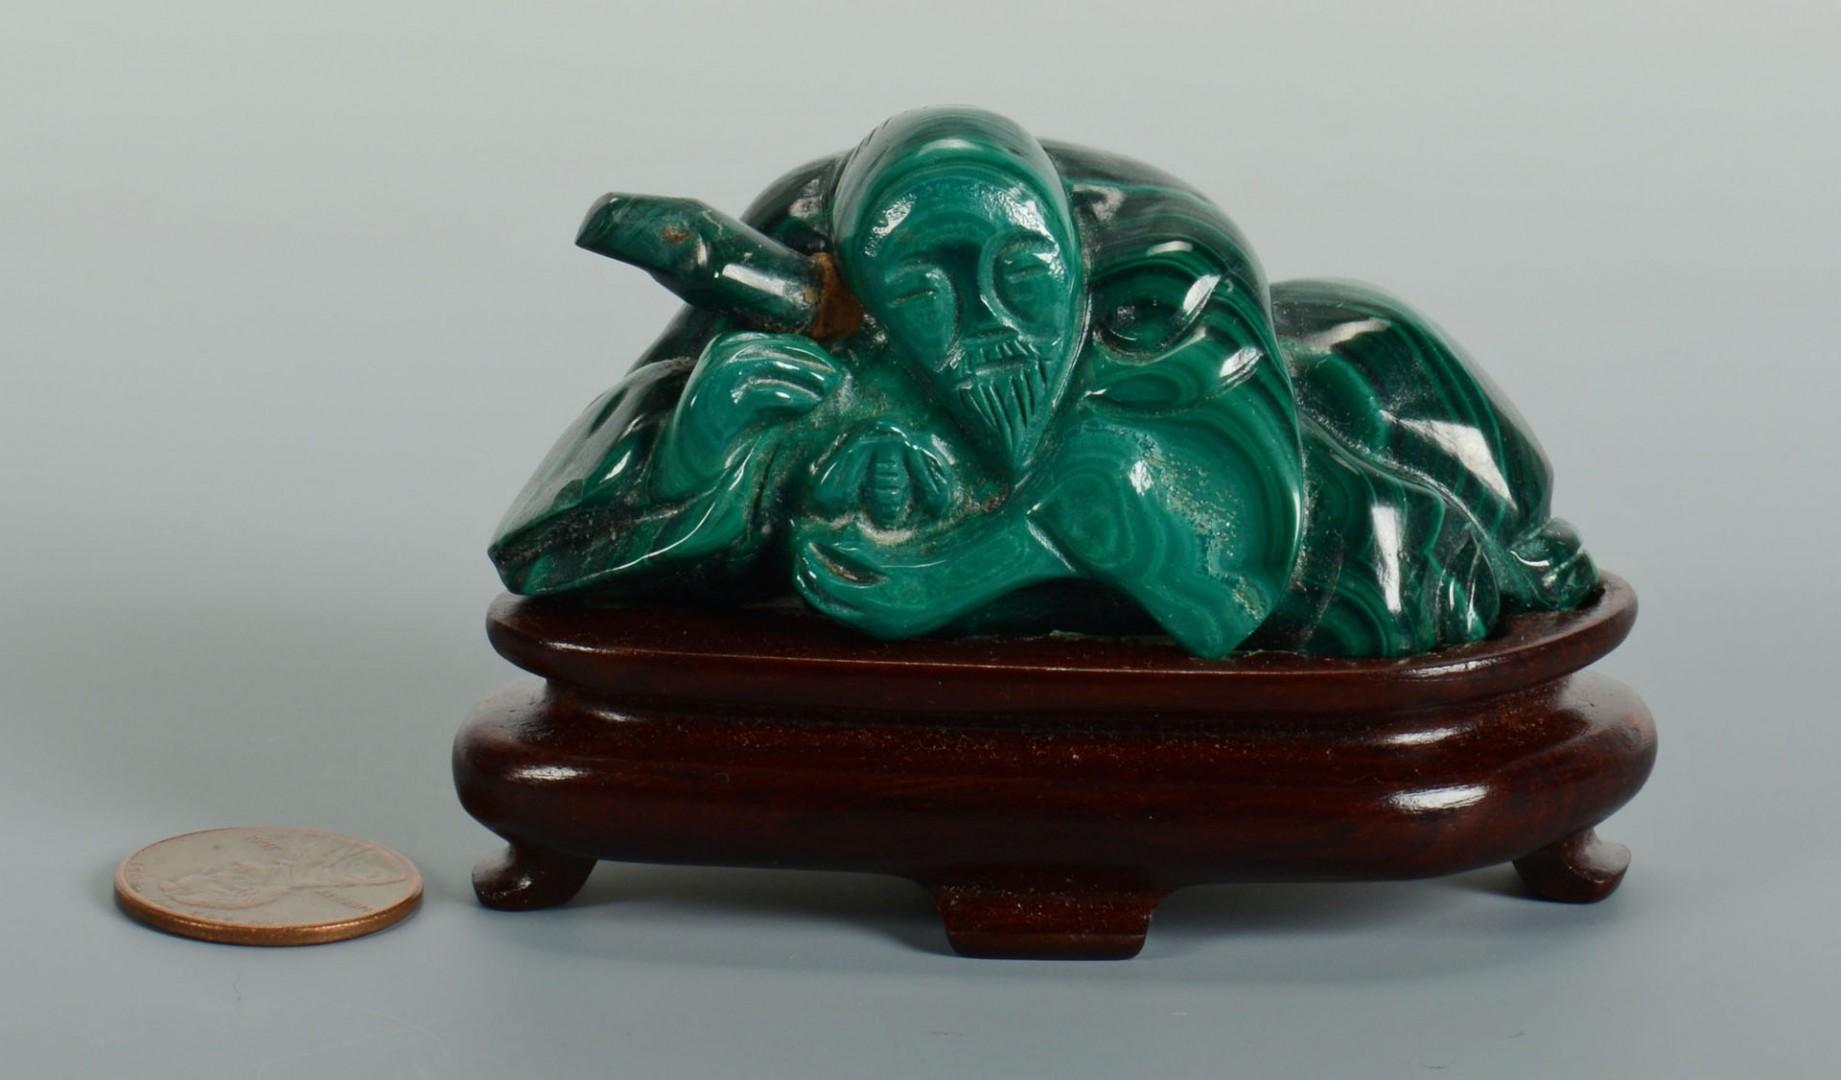 Lot 228: Chinese Green Malachite Figural Snuff Bottle